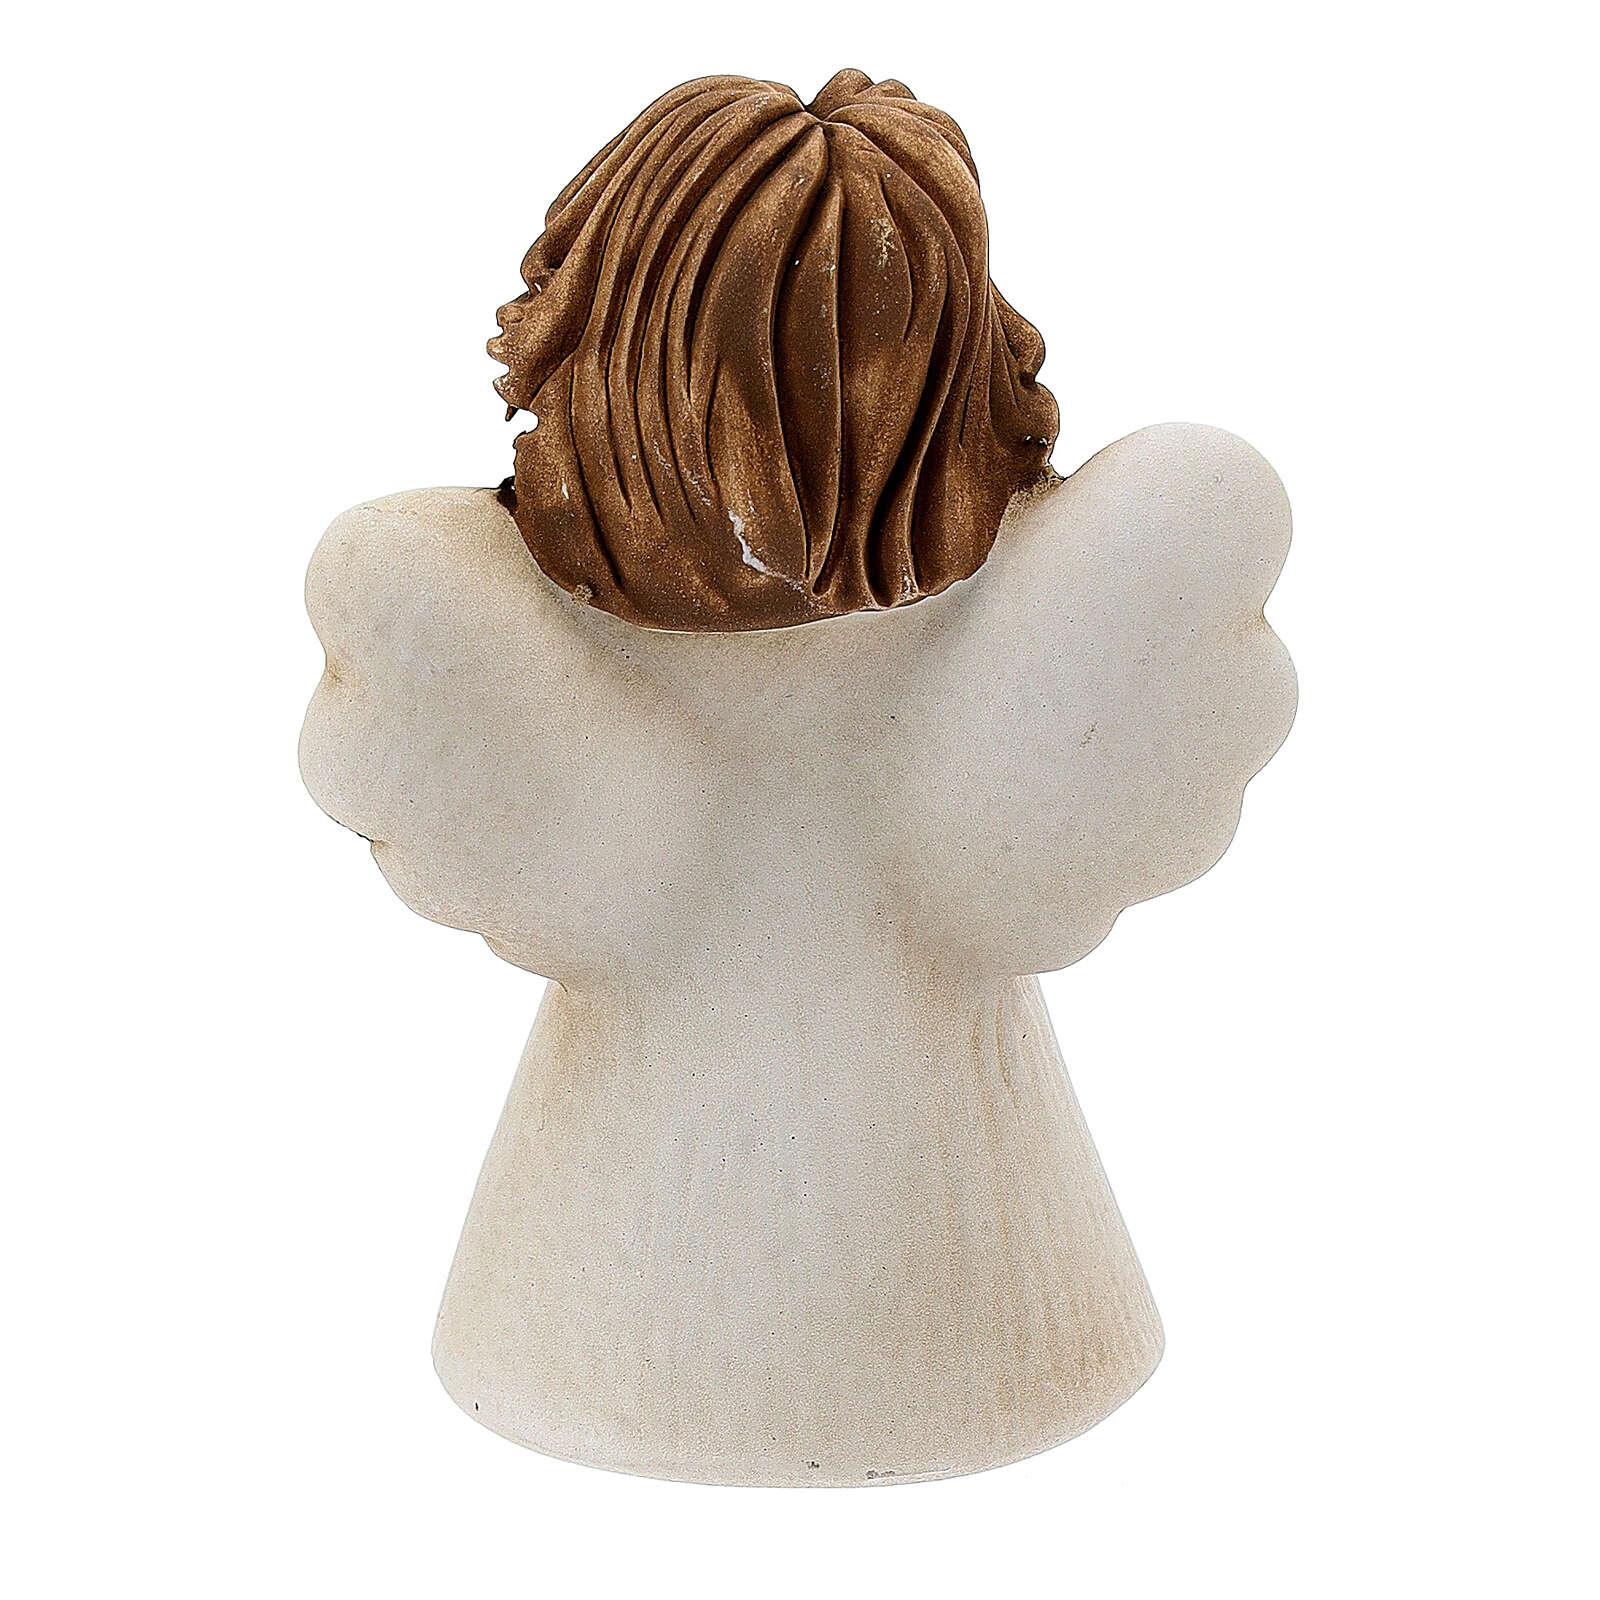 Ángel resina manos juntas 10 cm 3